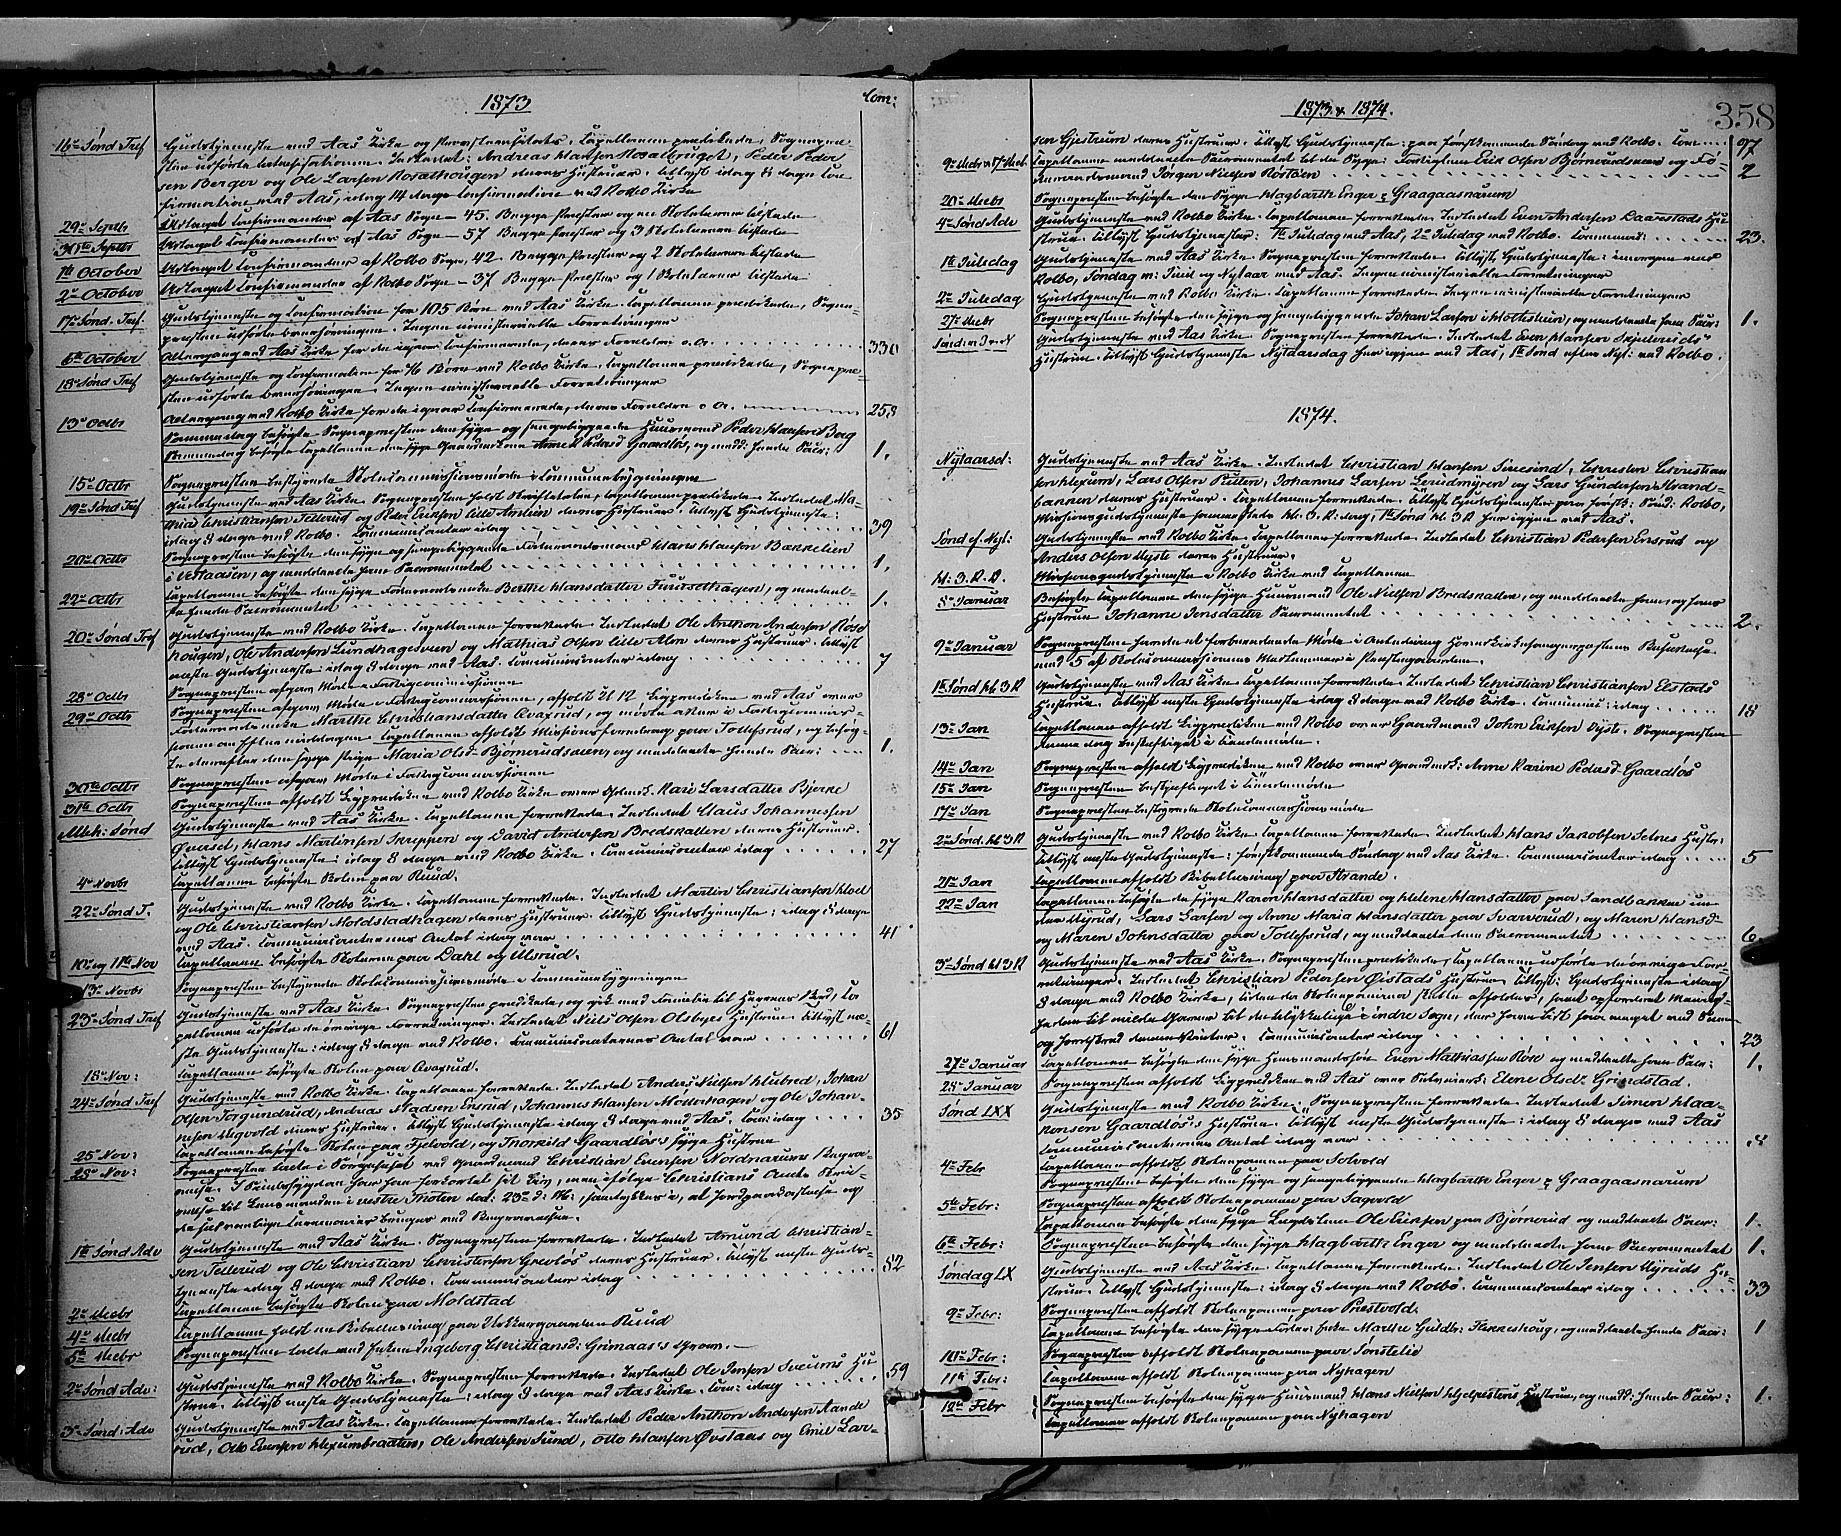 SAH, Vestre Toten prestekontor, Ministerialbok nr. 8, 1870-1877, s. 358